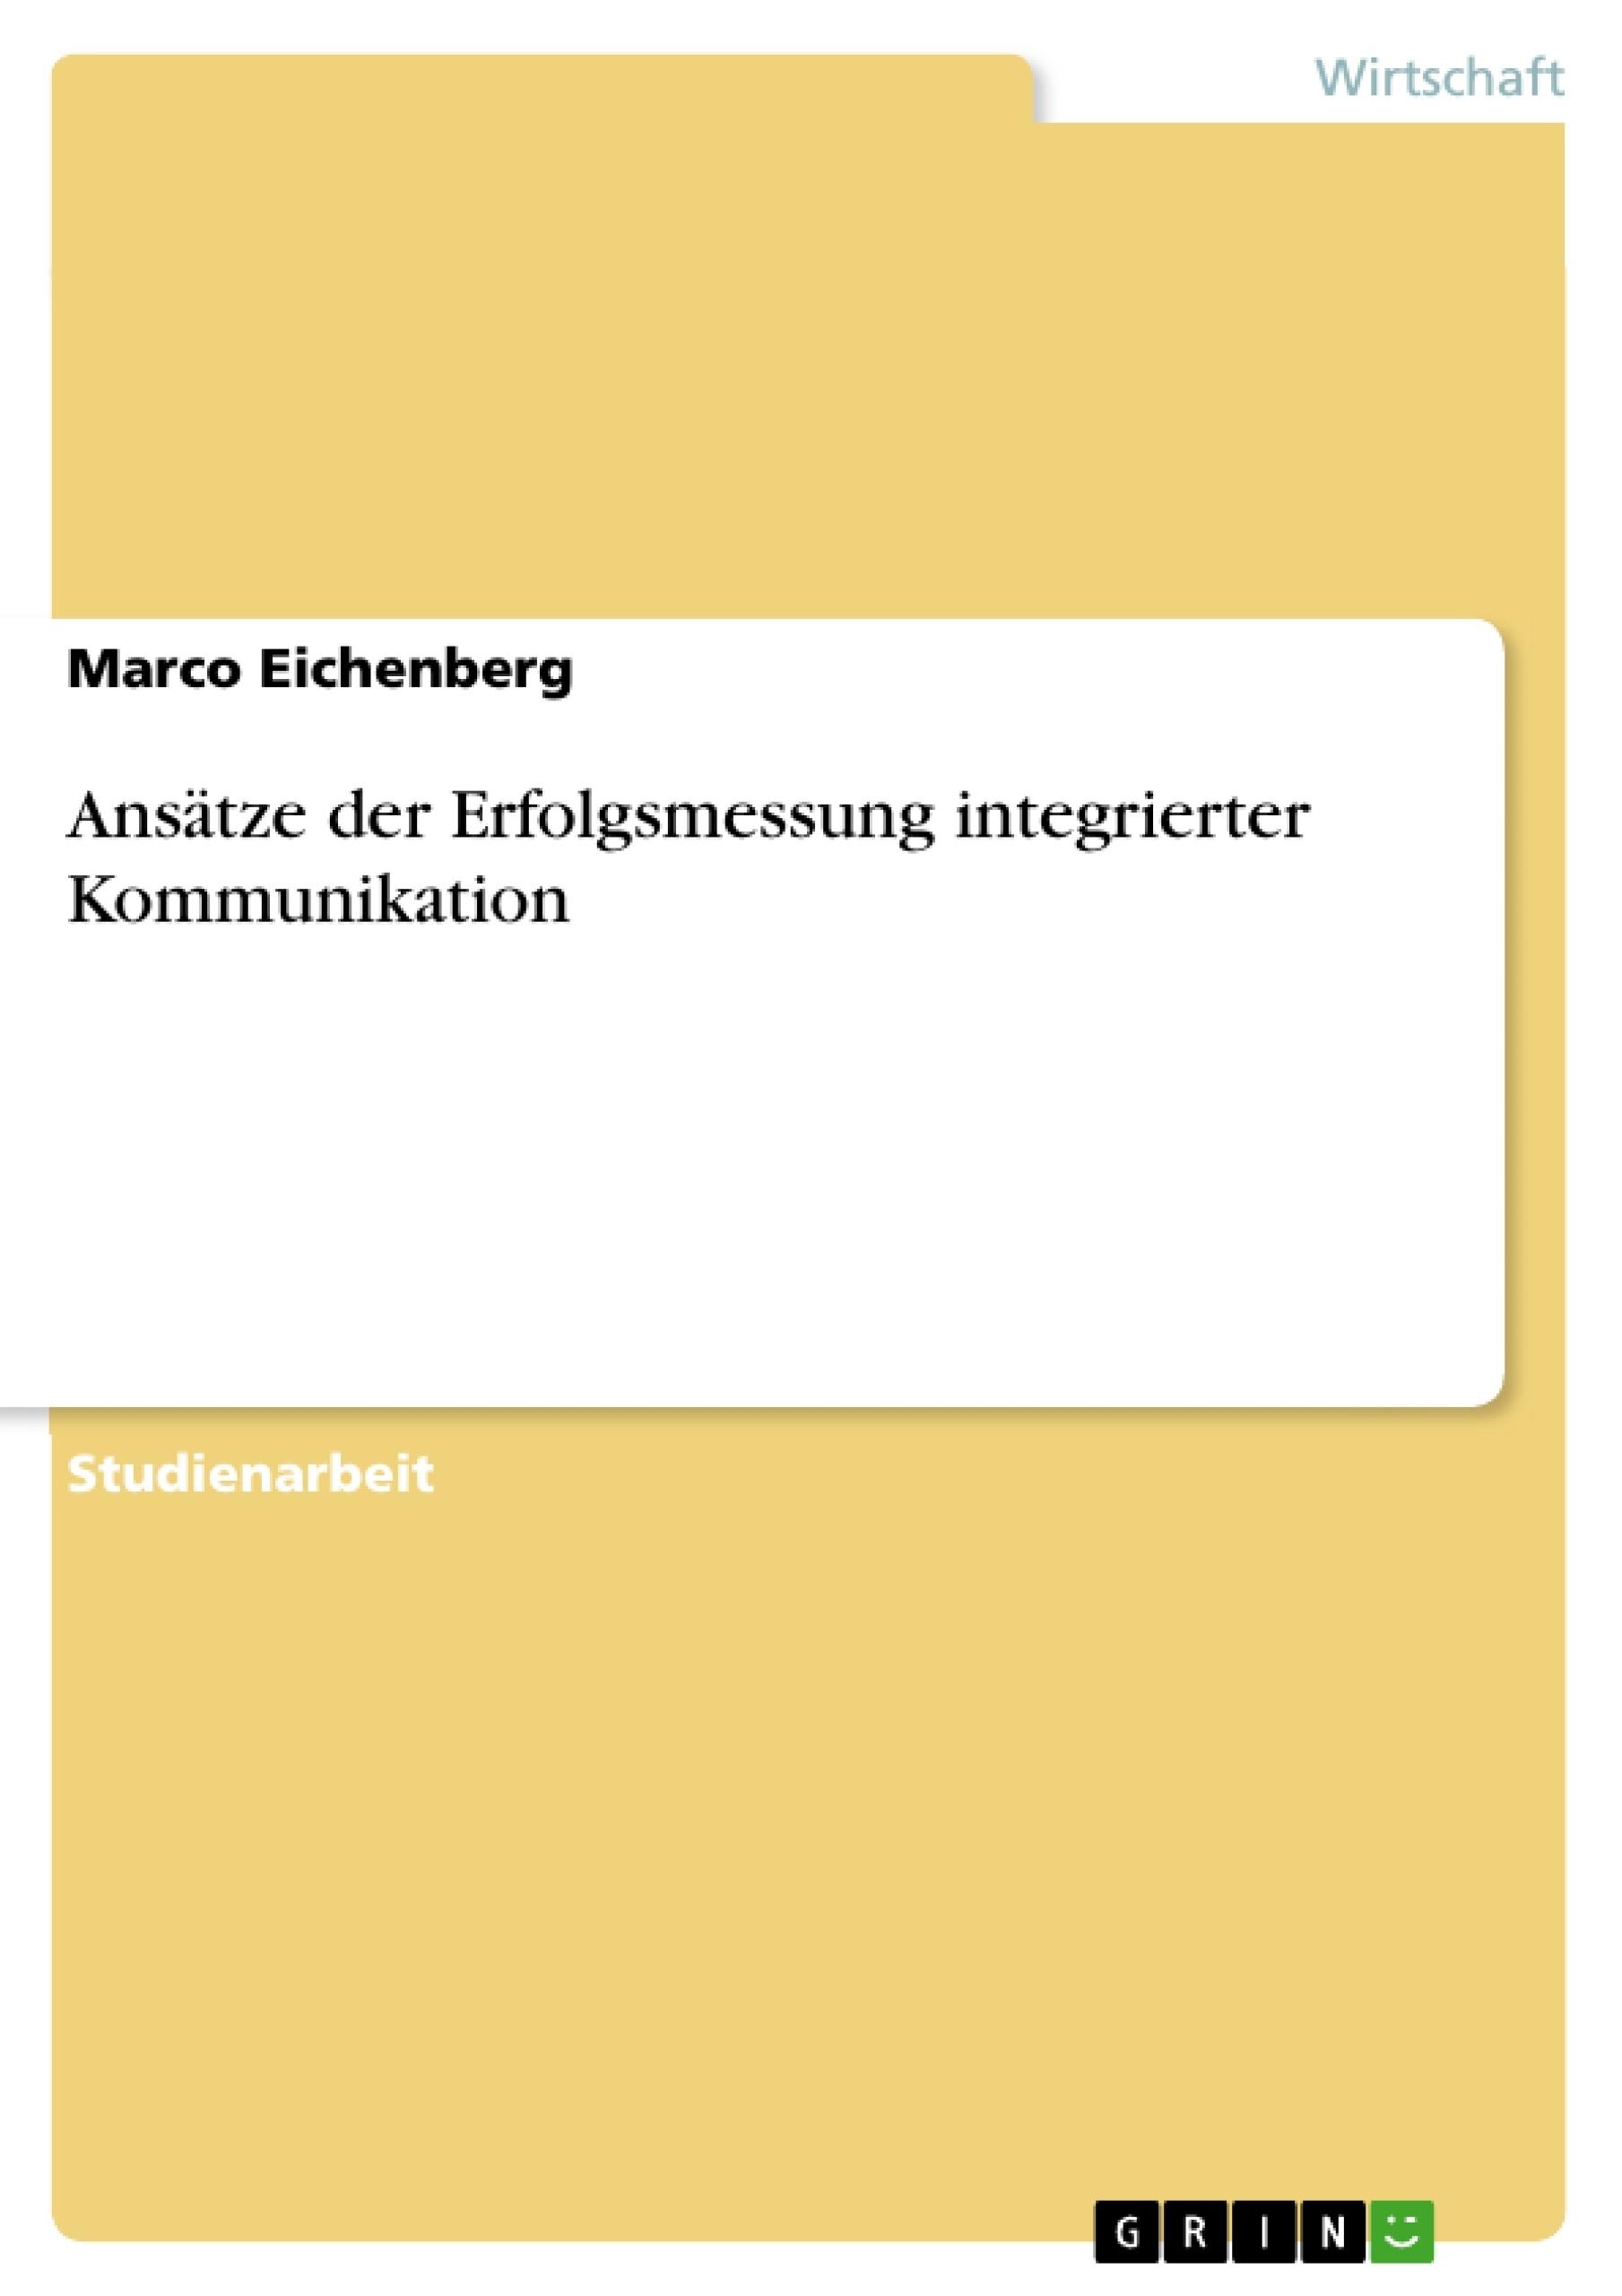 Titel: Ansätze der Erfolgsmessung integrierter Kommunikation